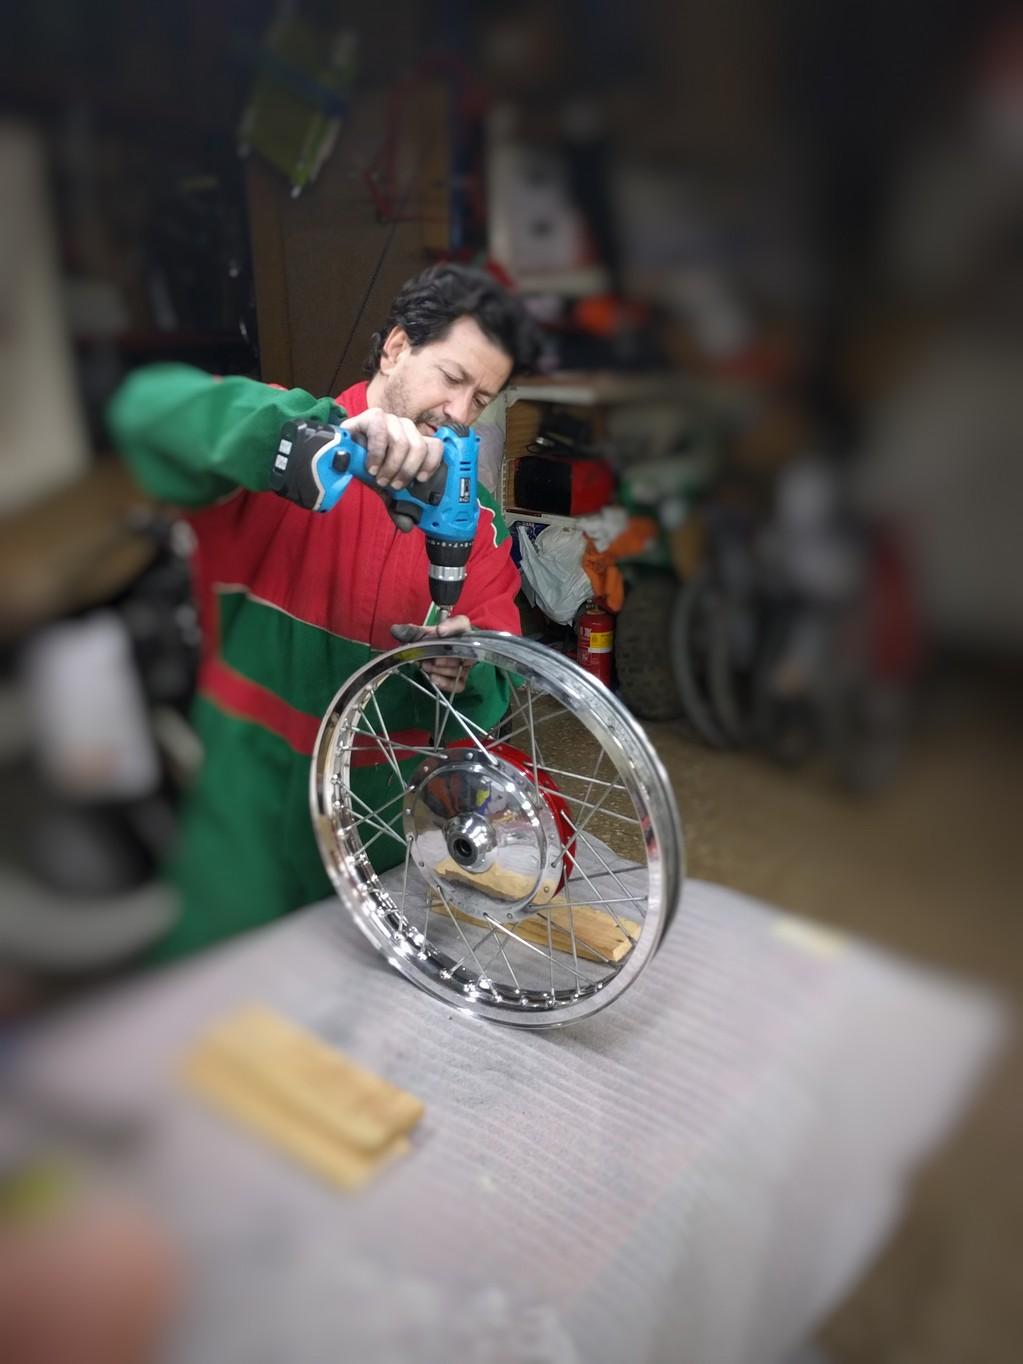 Especialista en Enradiado ruedas